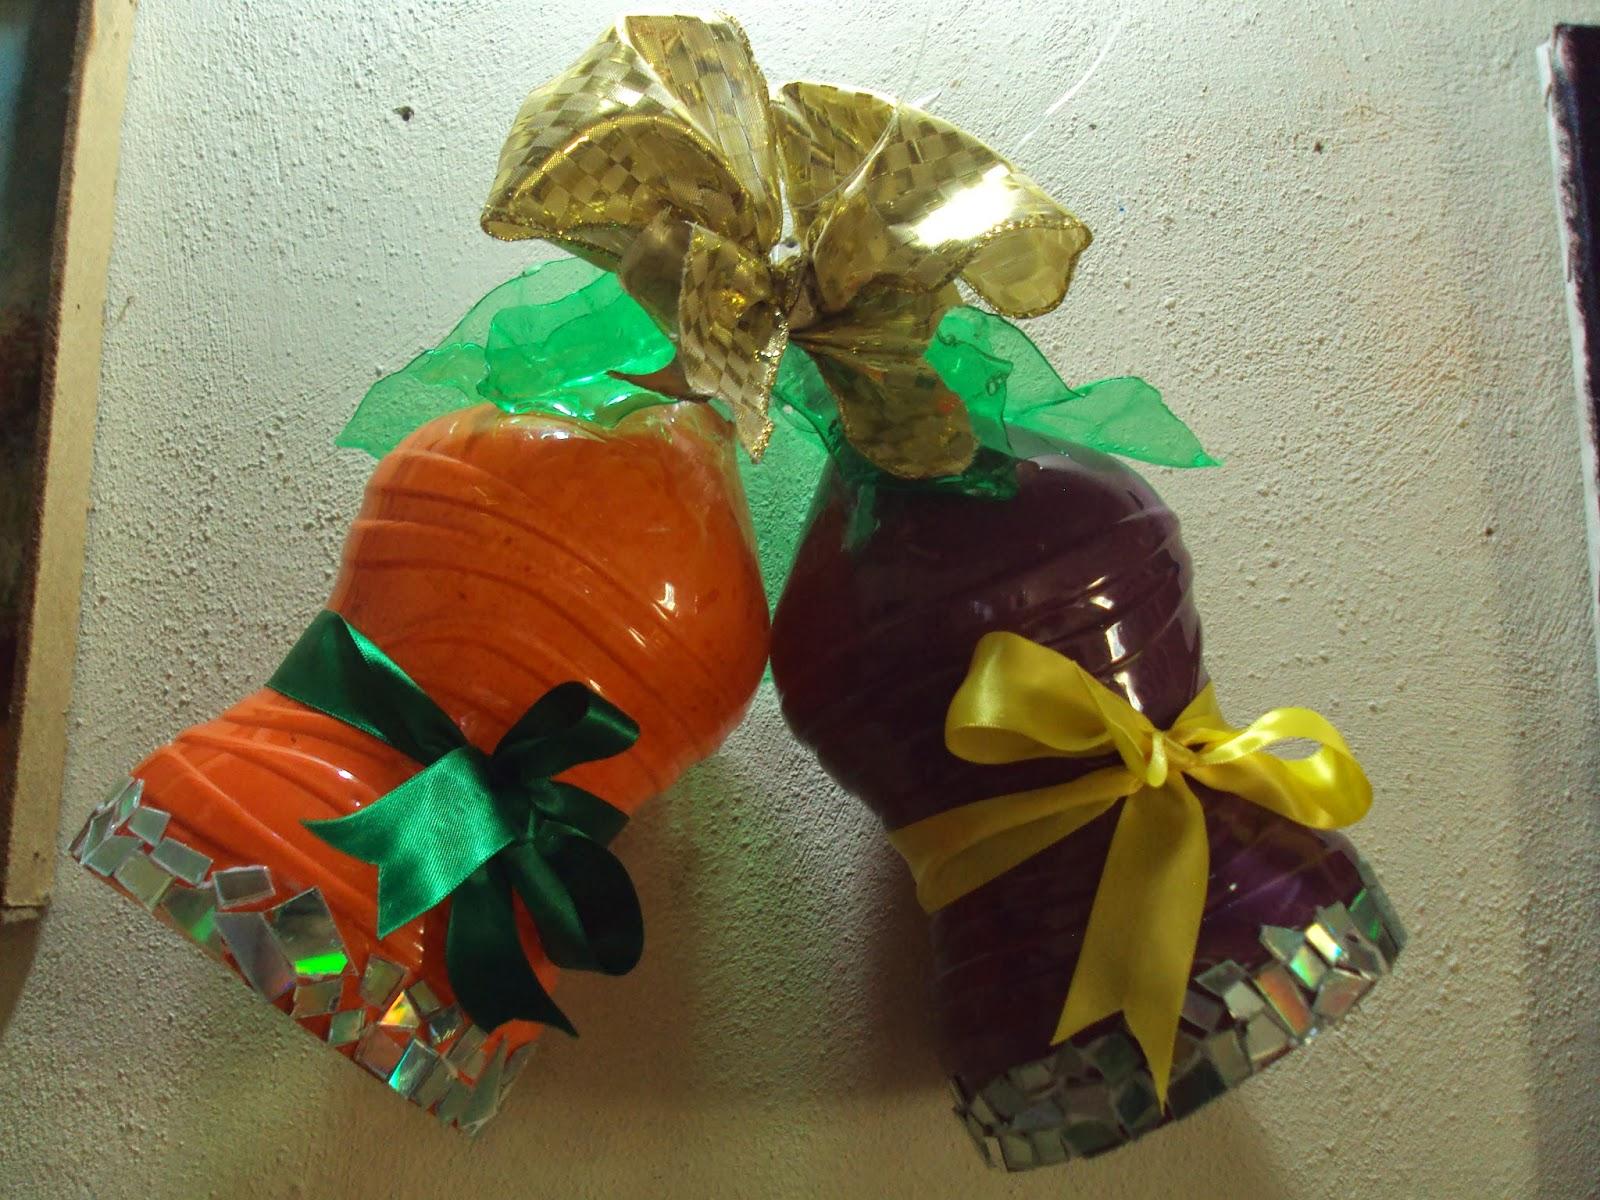 Sembrando mariposas como hacer unas campanas navide as - Como se hacen adornos navidenos ...